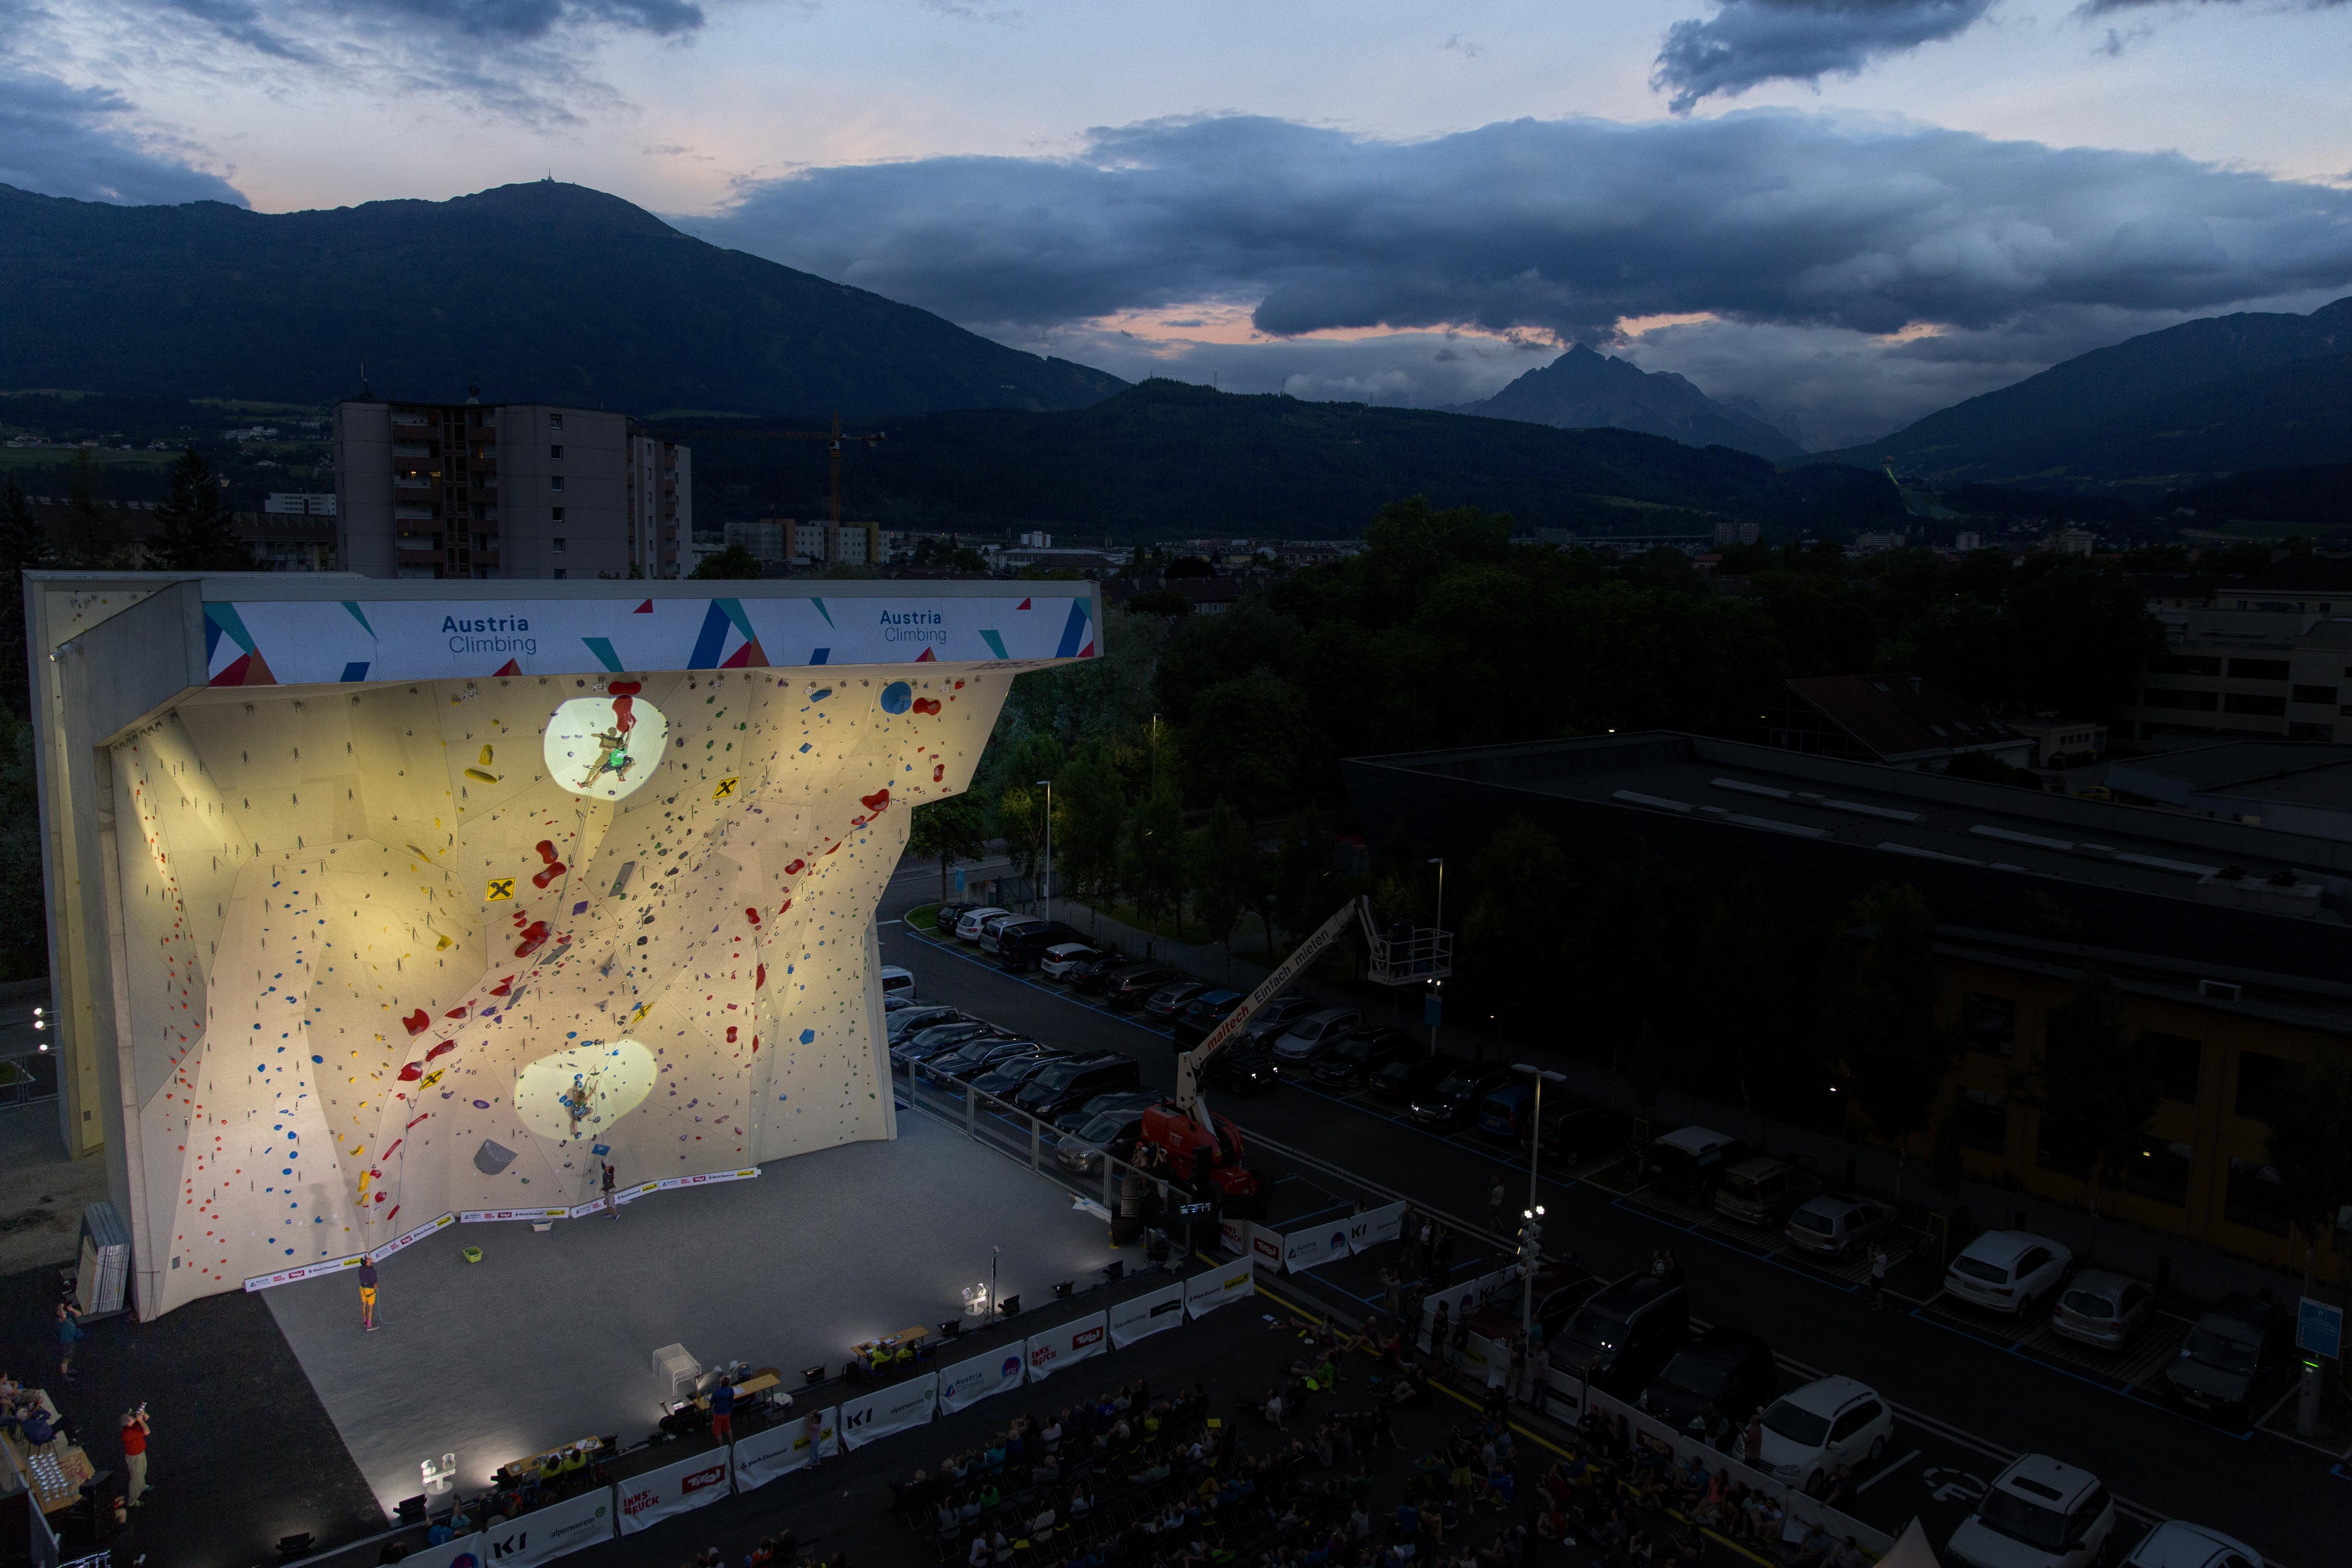 Kletter-Weltmeisterschaft Innsbruck 2018